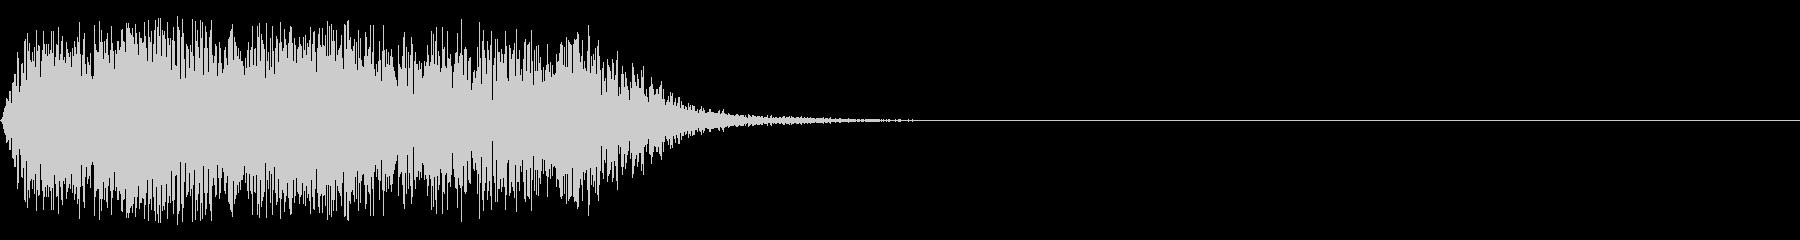 ワーンの未再生の波形